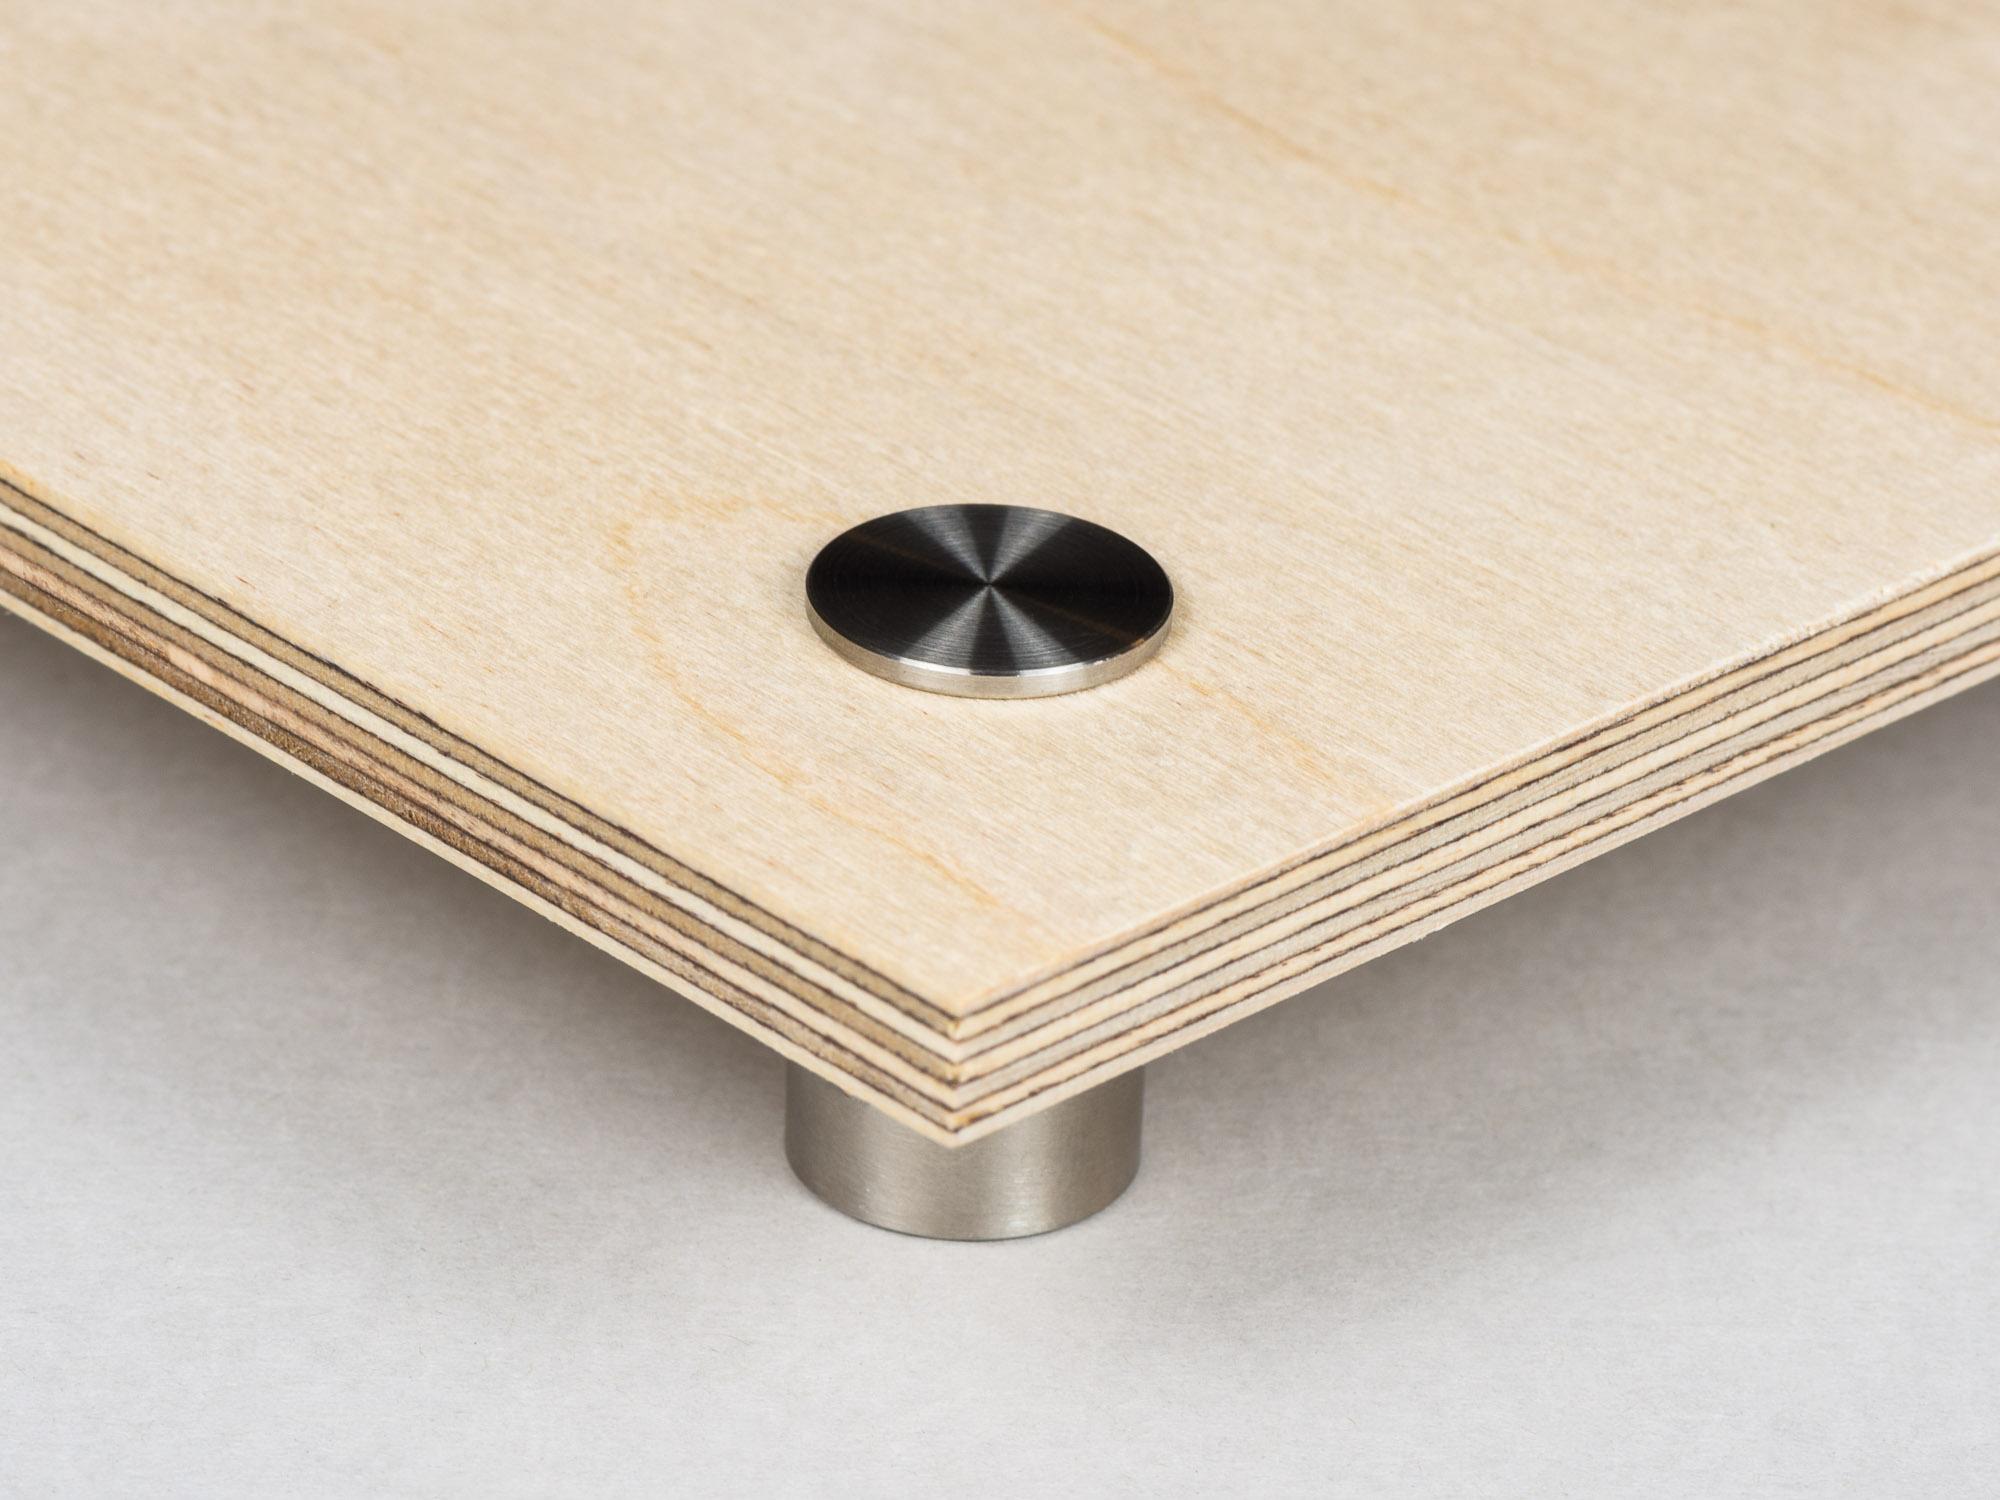 Utskrift på Plywood med hål och upphängningsdistans